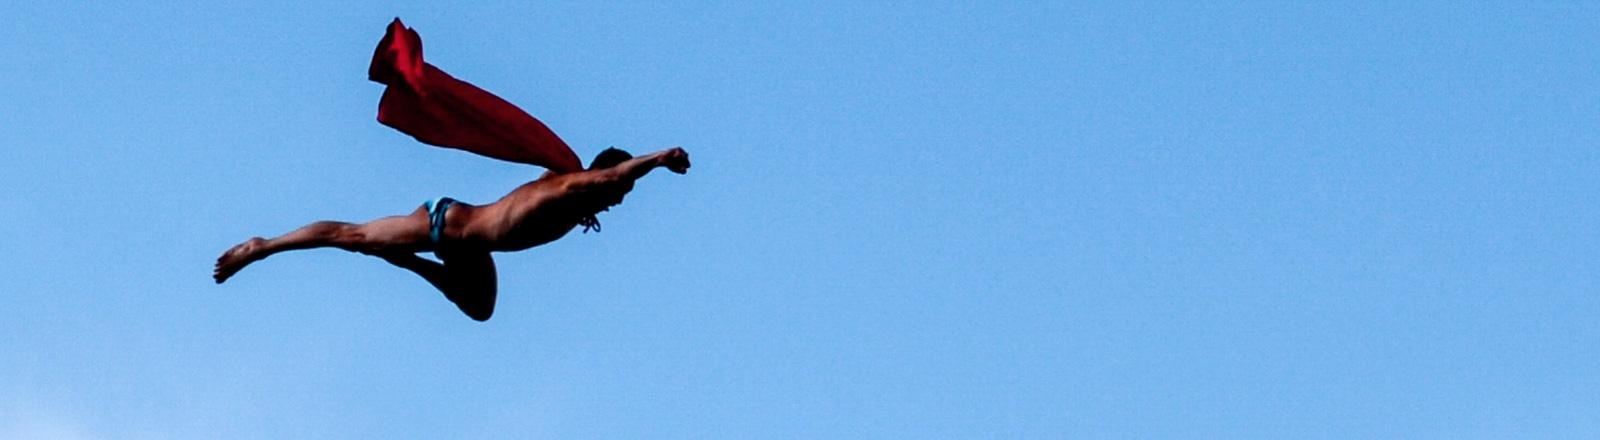 Superman fliegt durch die Luft